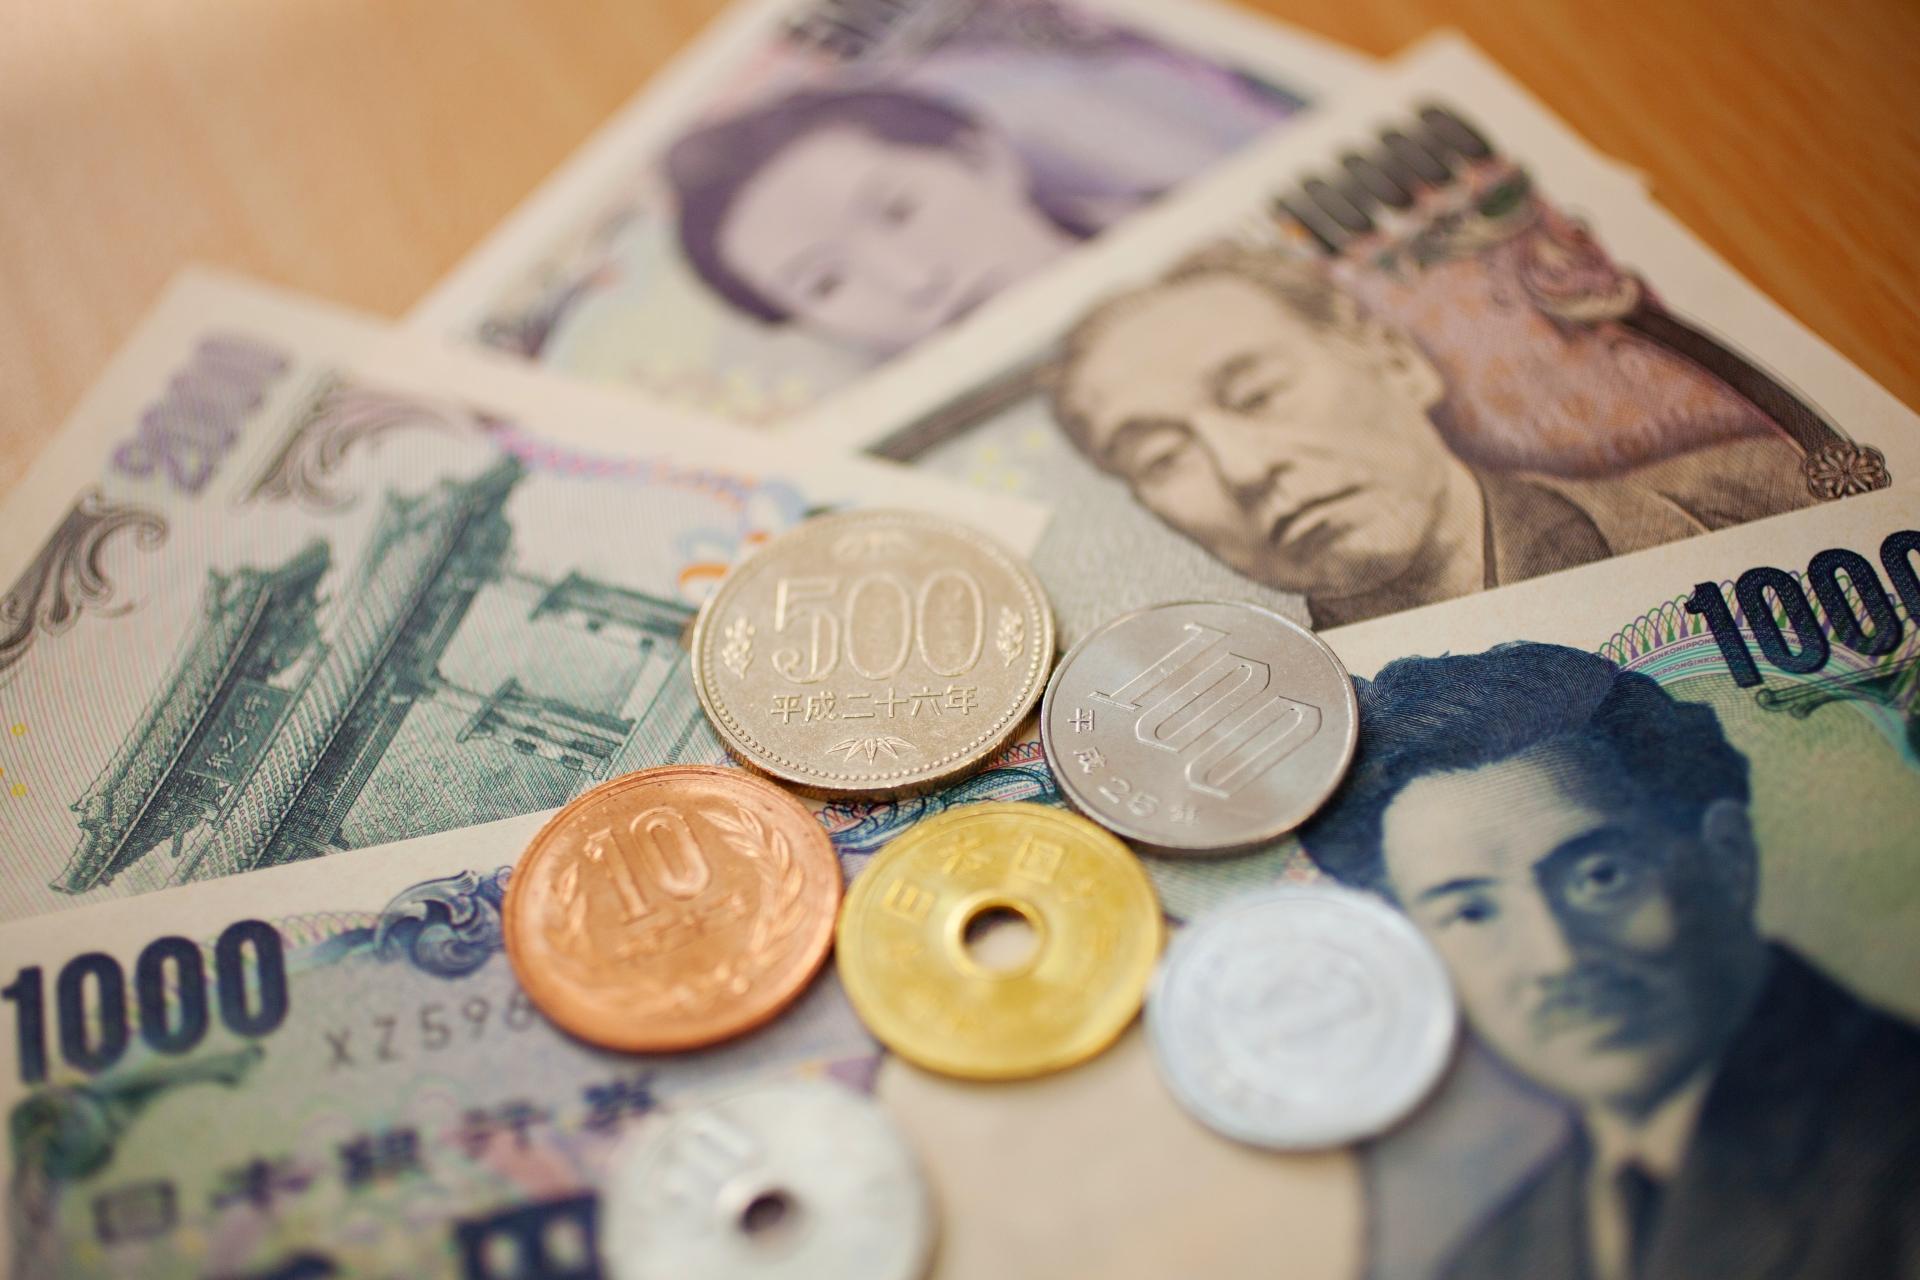 お金の画像です。